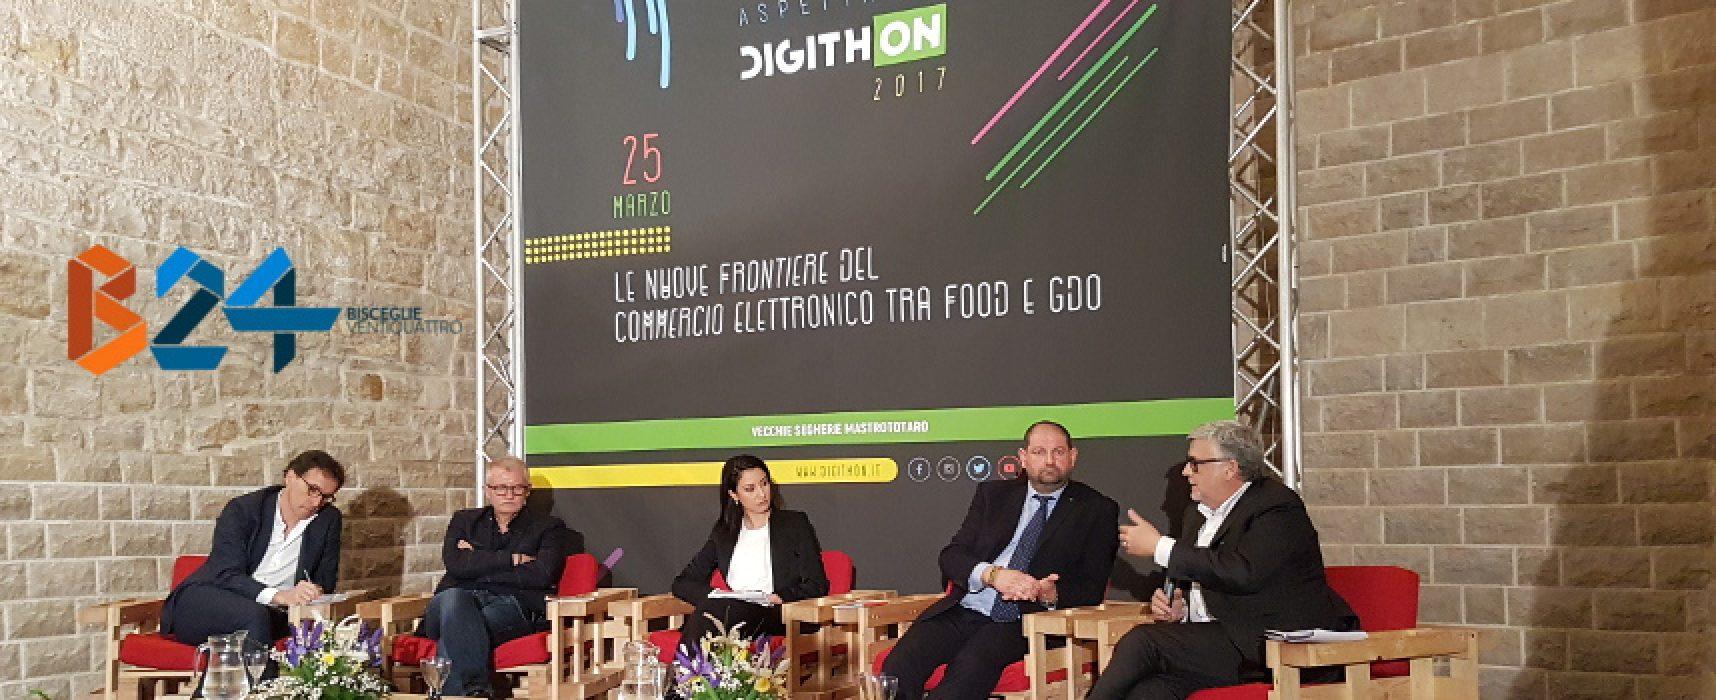 Aspettando DigithON, alle Segherie Mastrototaro dibattito sul commercio elettronico alimentare / VIDEO